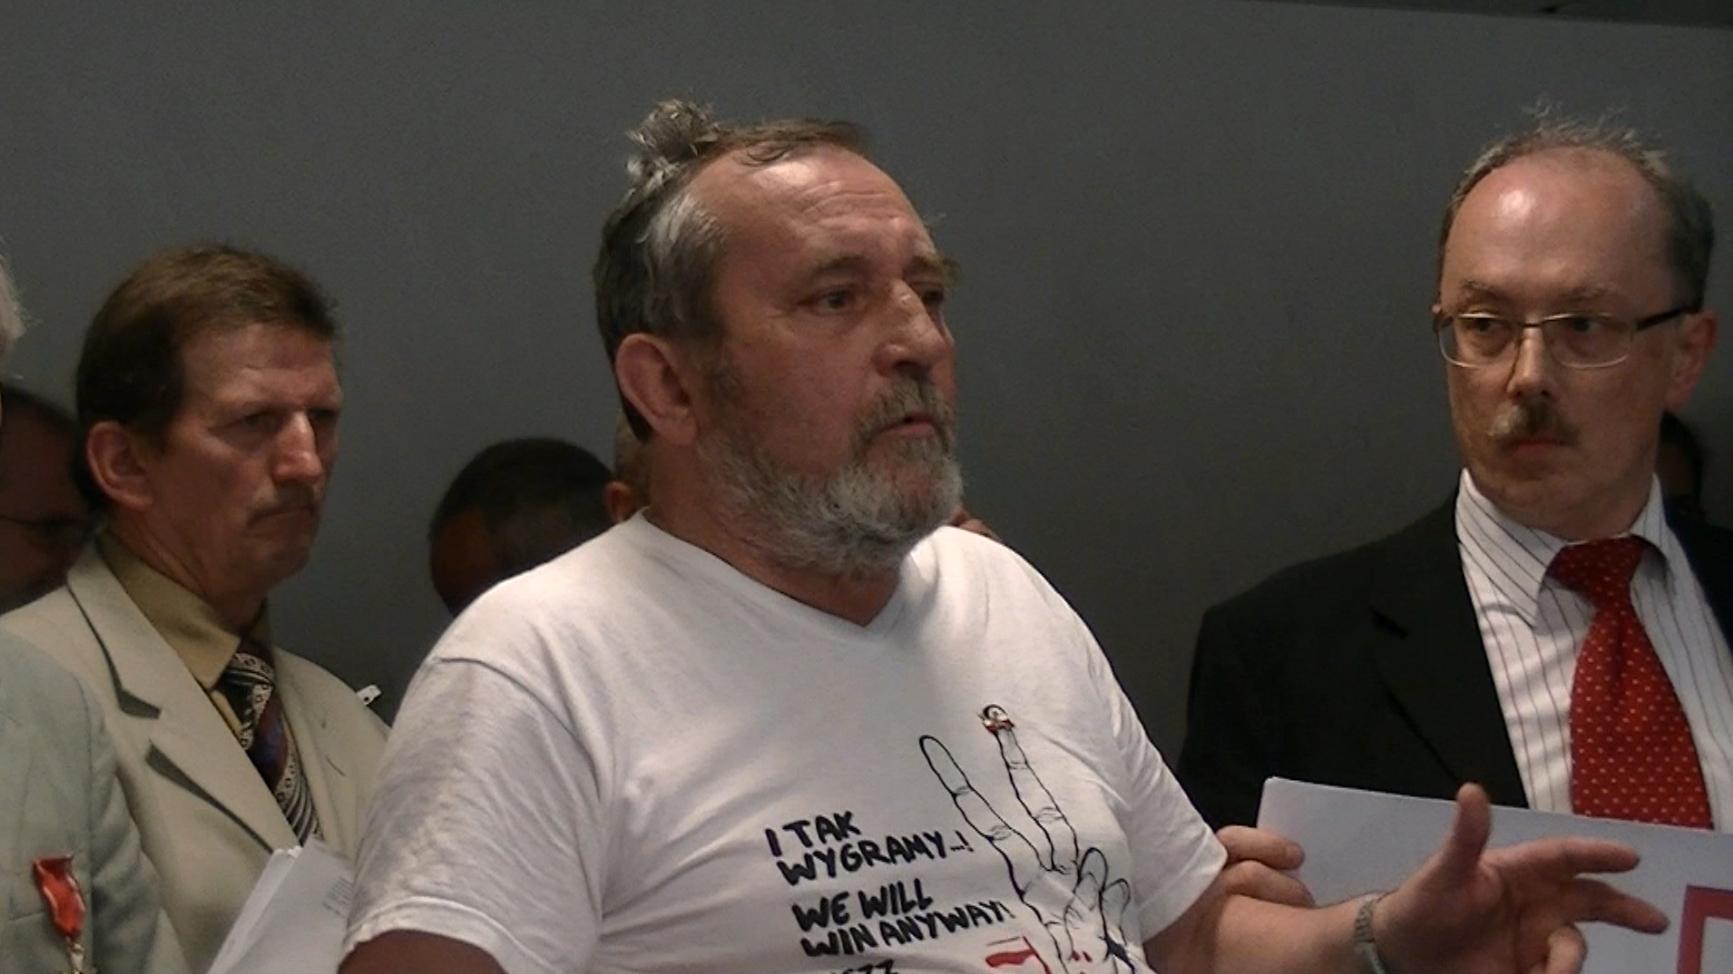 WOLNY CZYN: Protest tortowy Warszawa (reportaż Z. Stanowskiego)